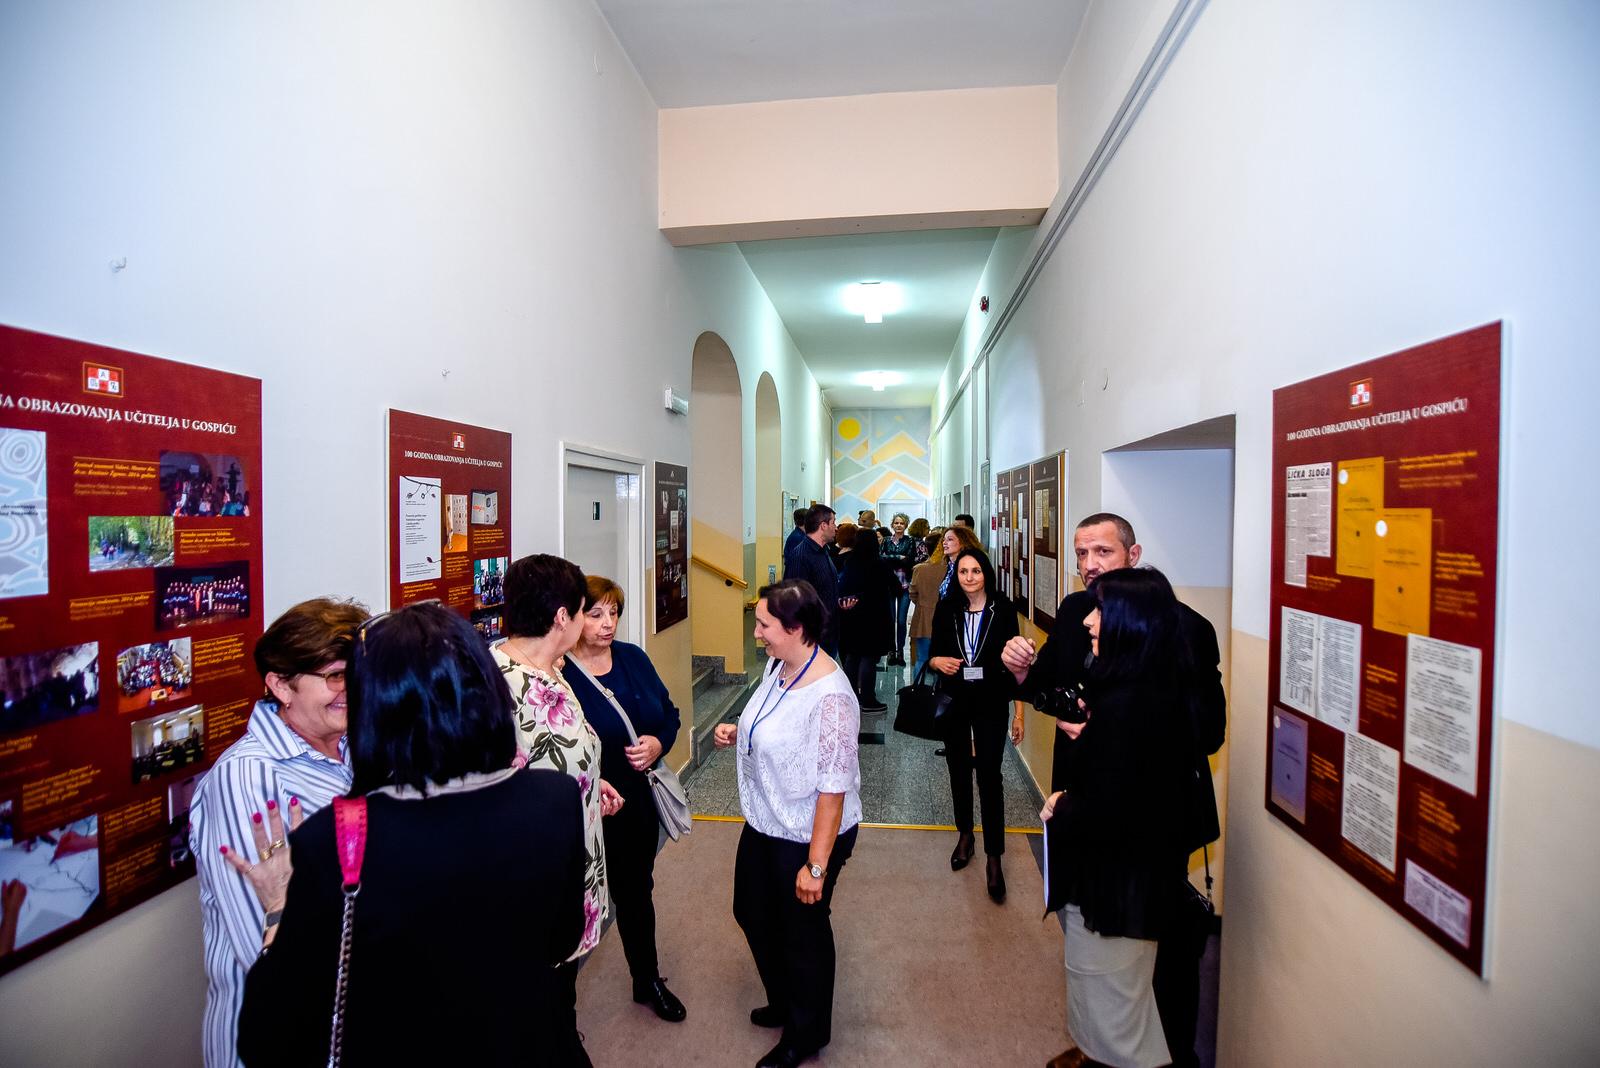 likaclub_gospić_100-godina-obrazovanja-učitelja-u-gospiću_2019-4